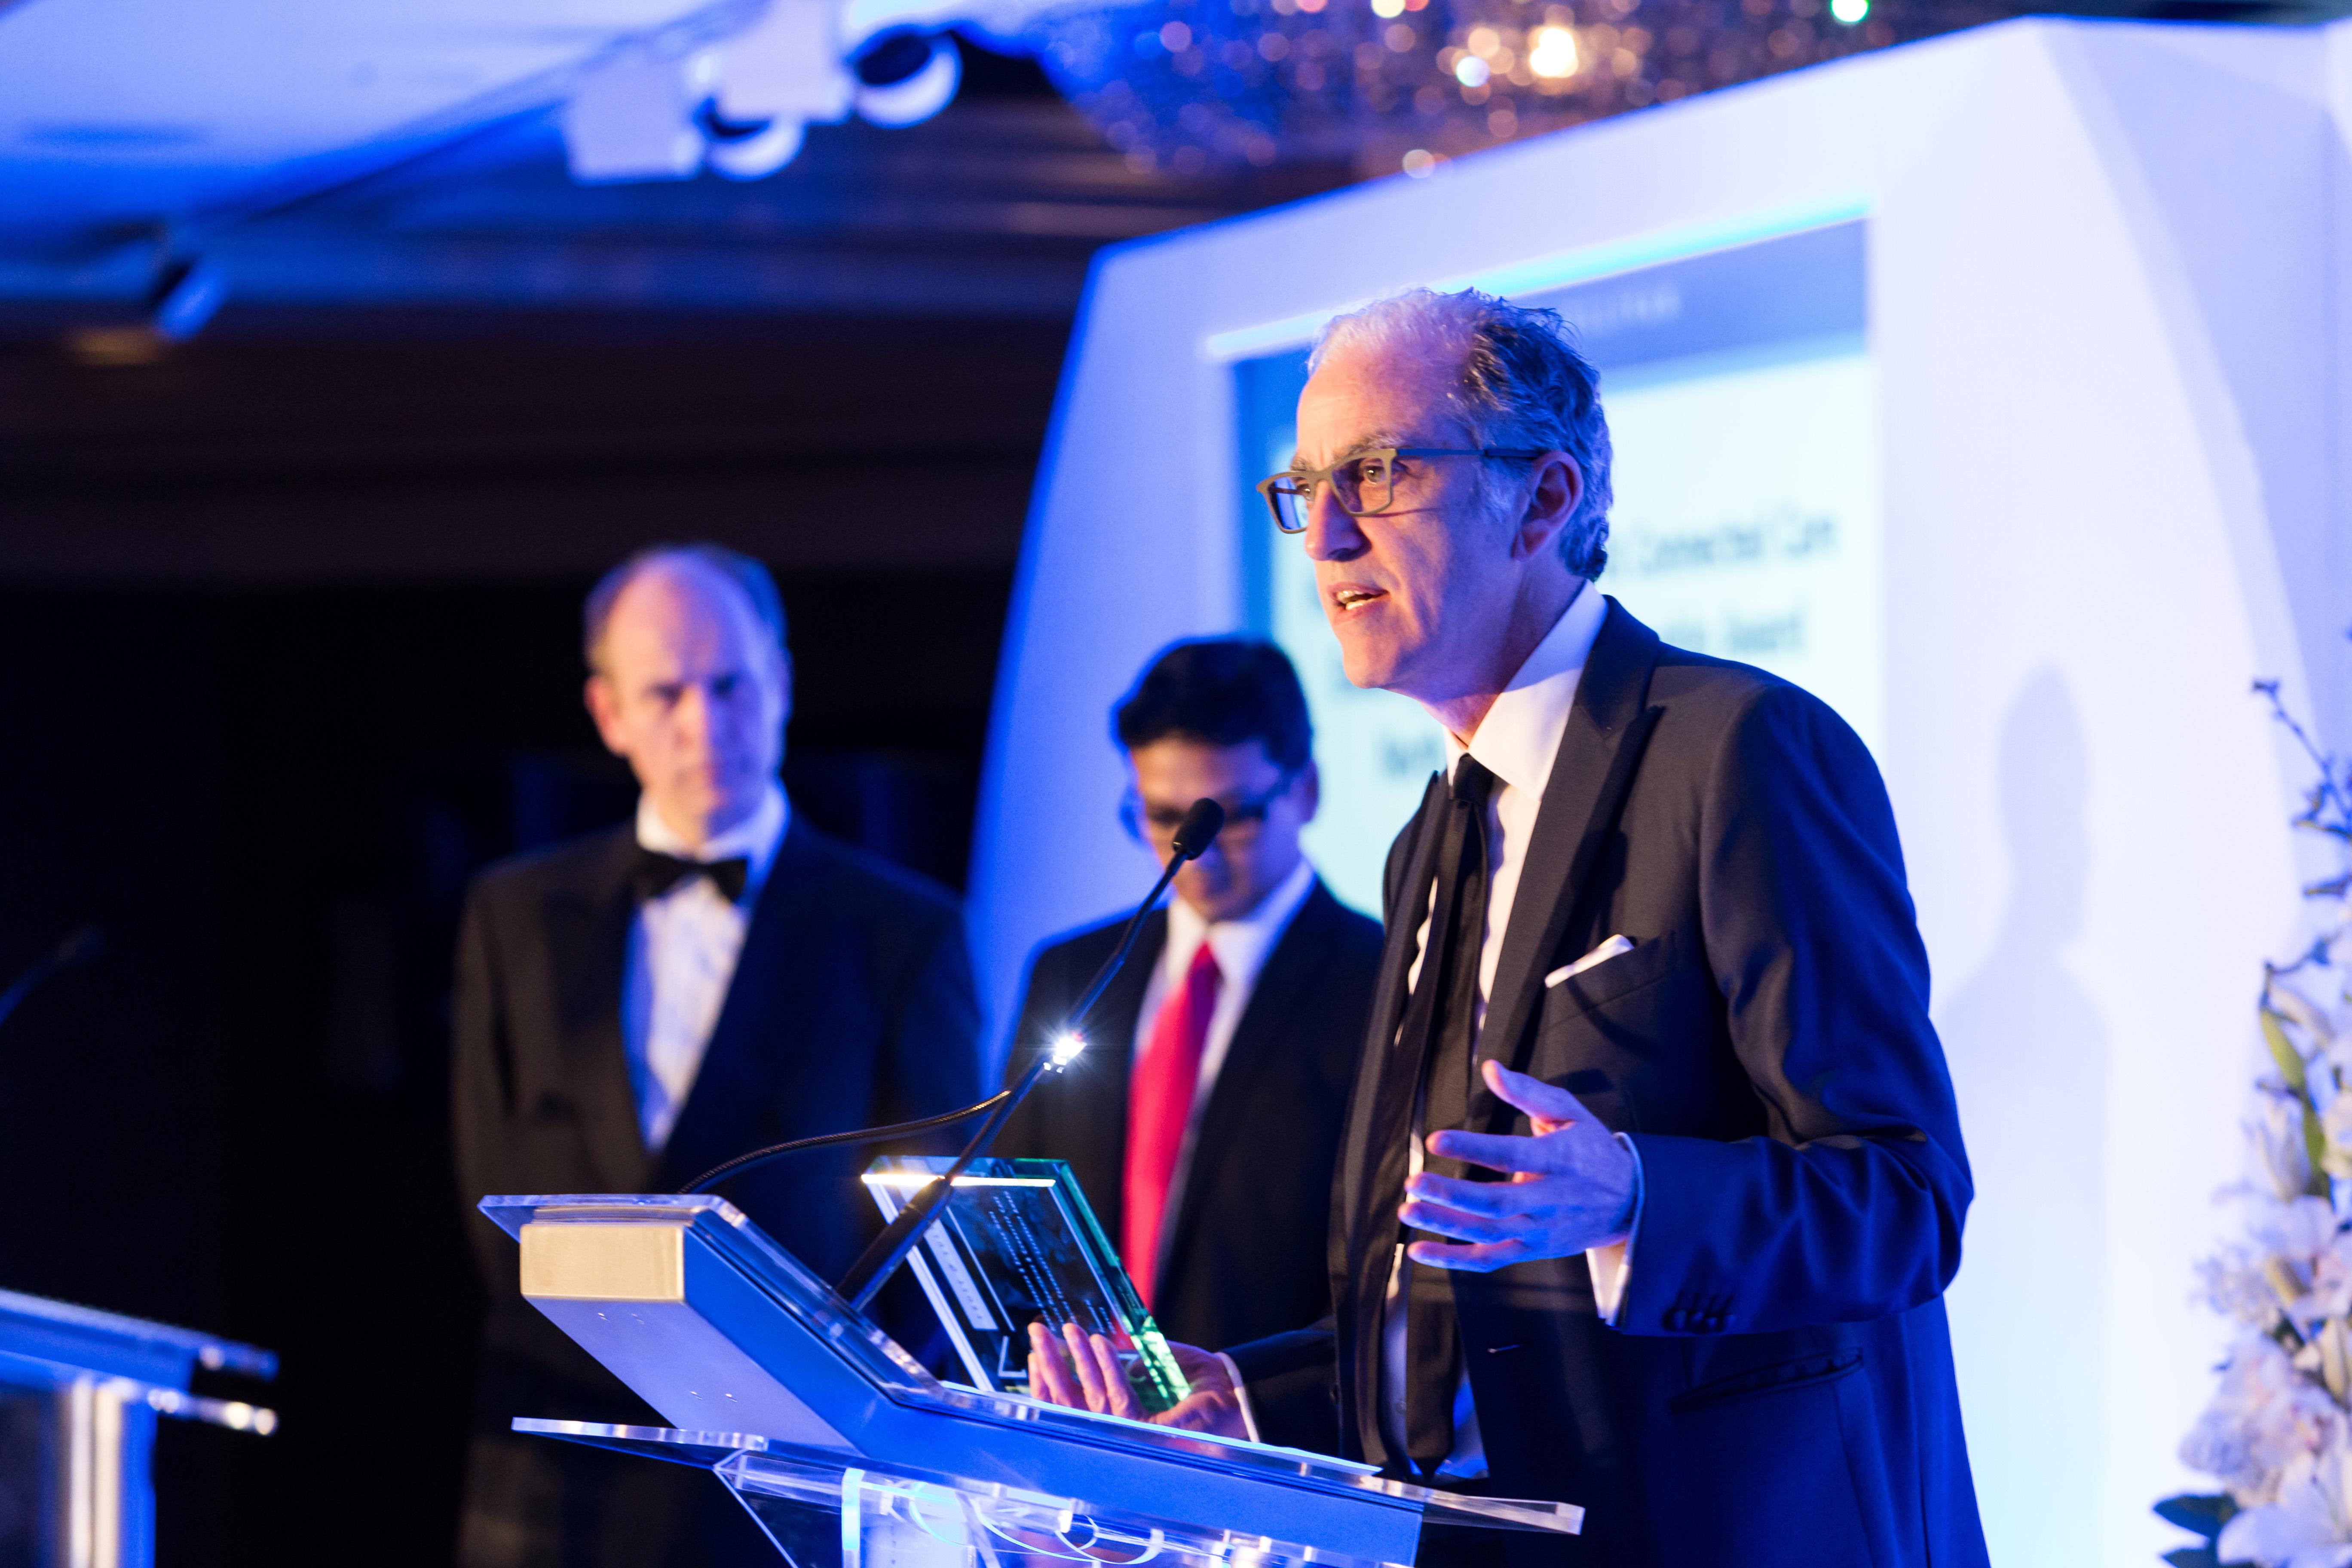 Marc Berrebi, co-fondateur d'eDevice, reçoit le prix Frost & Sullivan 2017 à Londres. (Photo: Frost & Sullivan)